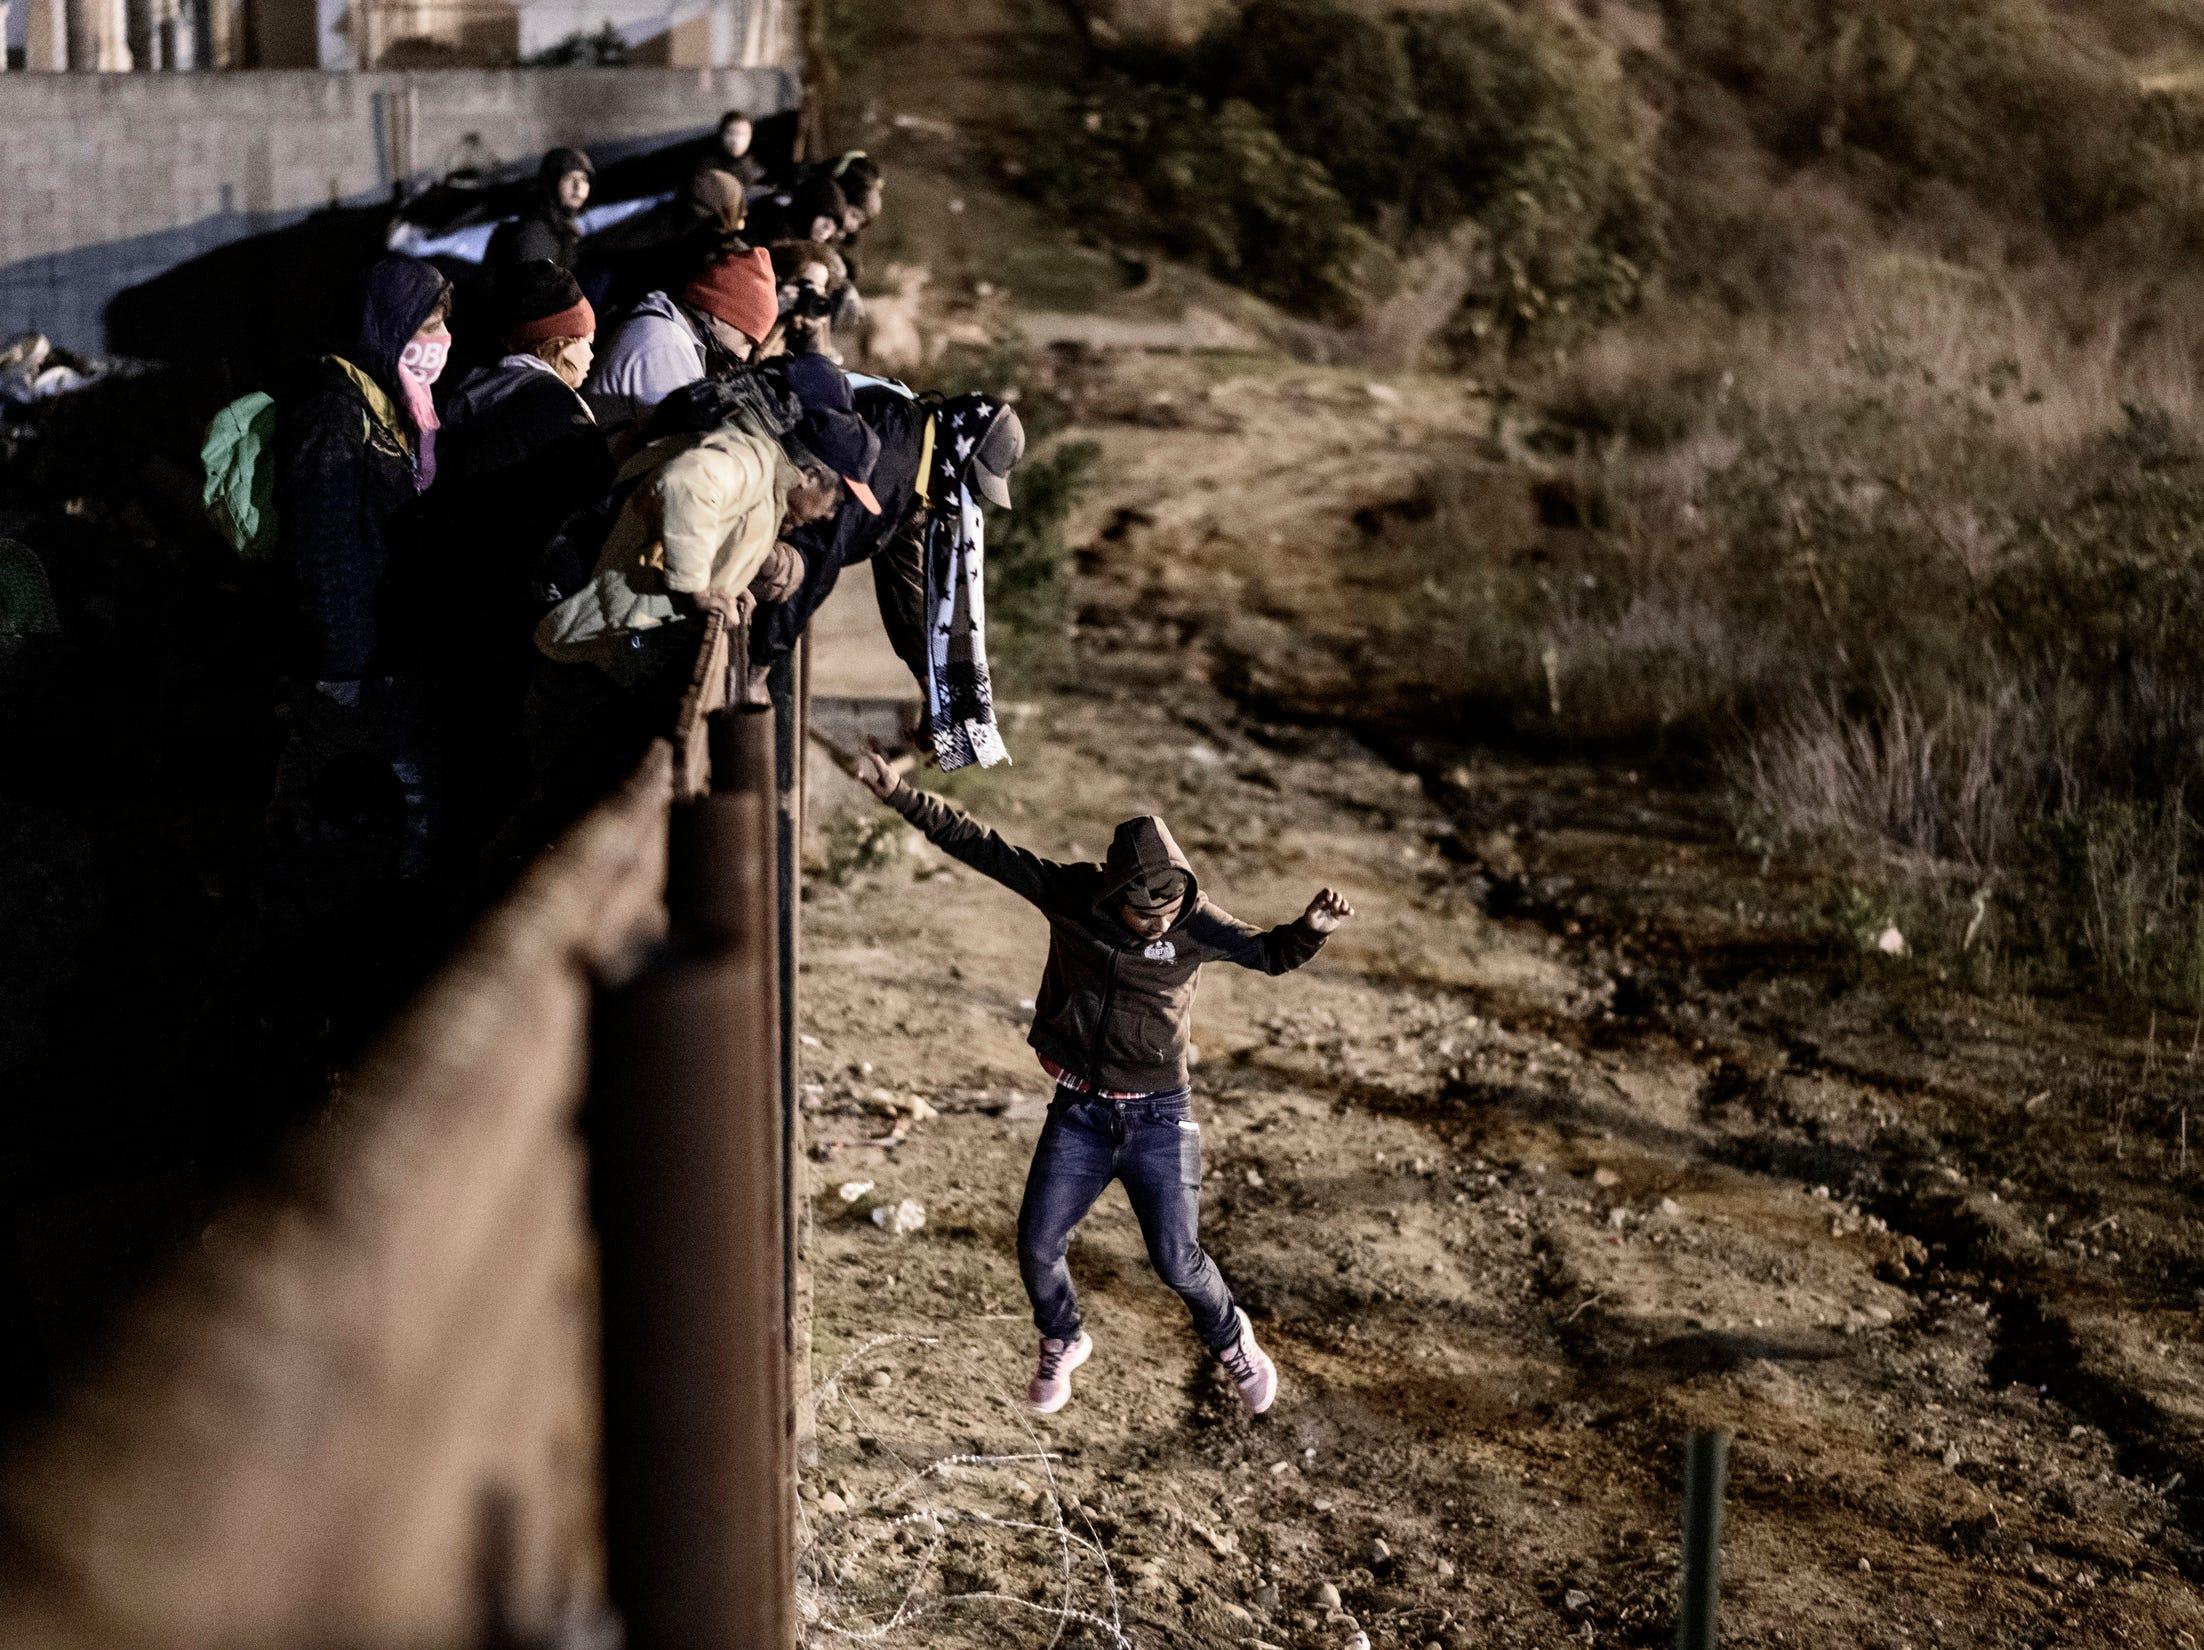 Las autoridades estadounidenses lanzaron gas lacrimógeno hacia territorio mexicano durante las primeras horas del martes para repeler a unos 150 migrantes que trataban de cruzar la valla fronteriza en Tijuana.  La Oficina de Aduanas y Protección Fronteriza (CBP por sus siglas en inglés) dijo en un comunicado que se lanzó el gas contra personas que arrojaban rocas, lejos de los migrantes que trataban de cruzar.